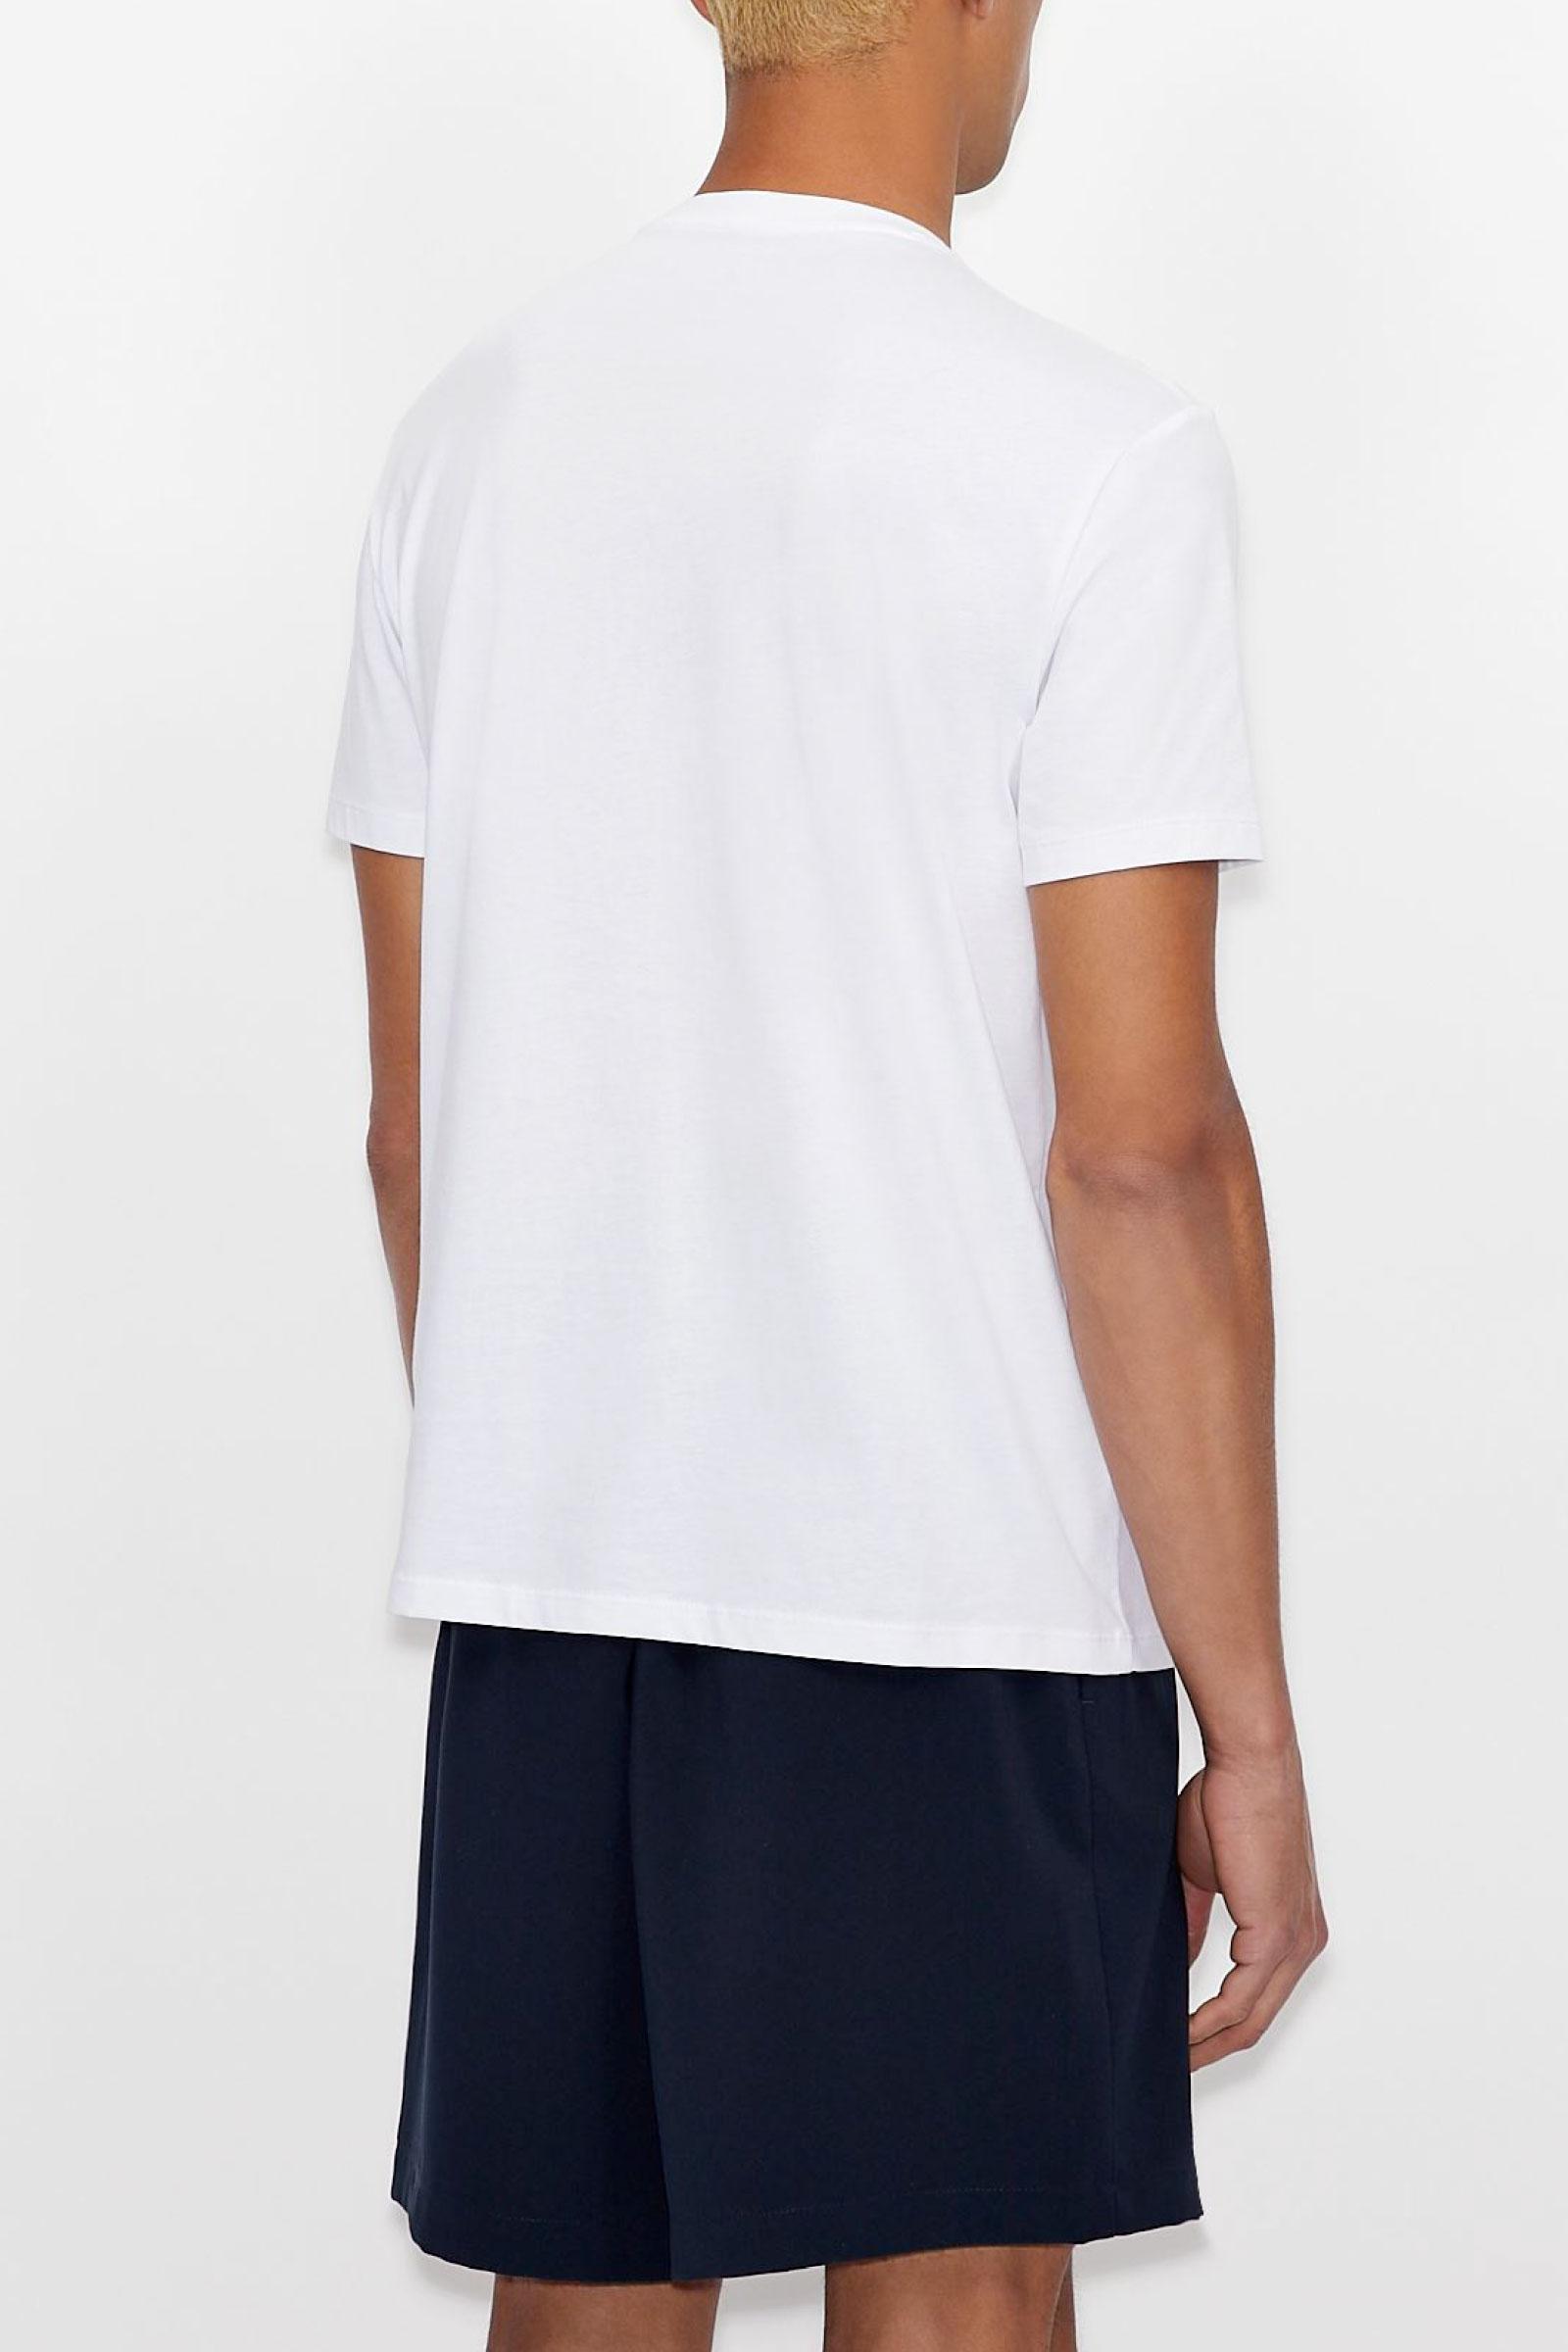 ARMANI EXCHANGE Men's T-Shirt ARMANI EXCHANGE | T-Shirt | 3KZTGY ZJBVZ1100